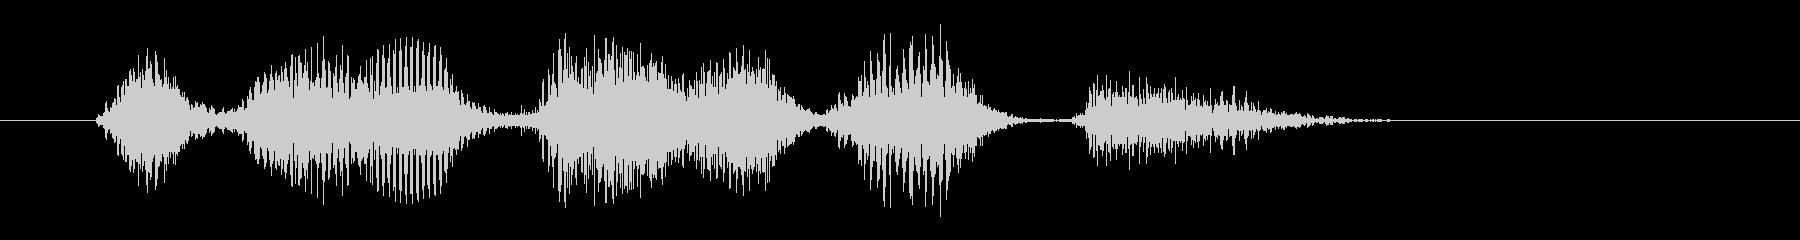 コンピューター、男性の声:最終的な...の未再生の波形